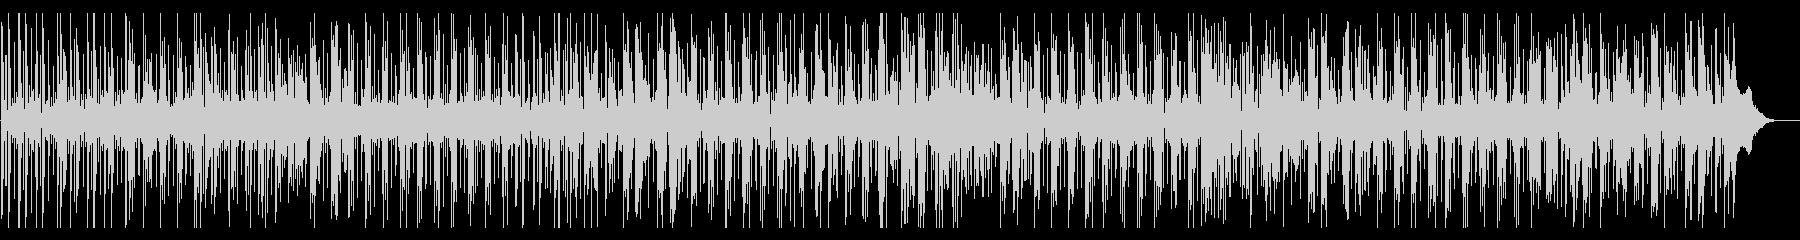 60年代モータウン風のファンクジャズの未再生の波形